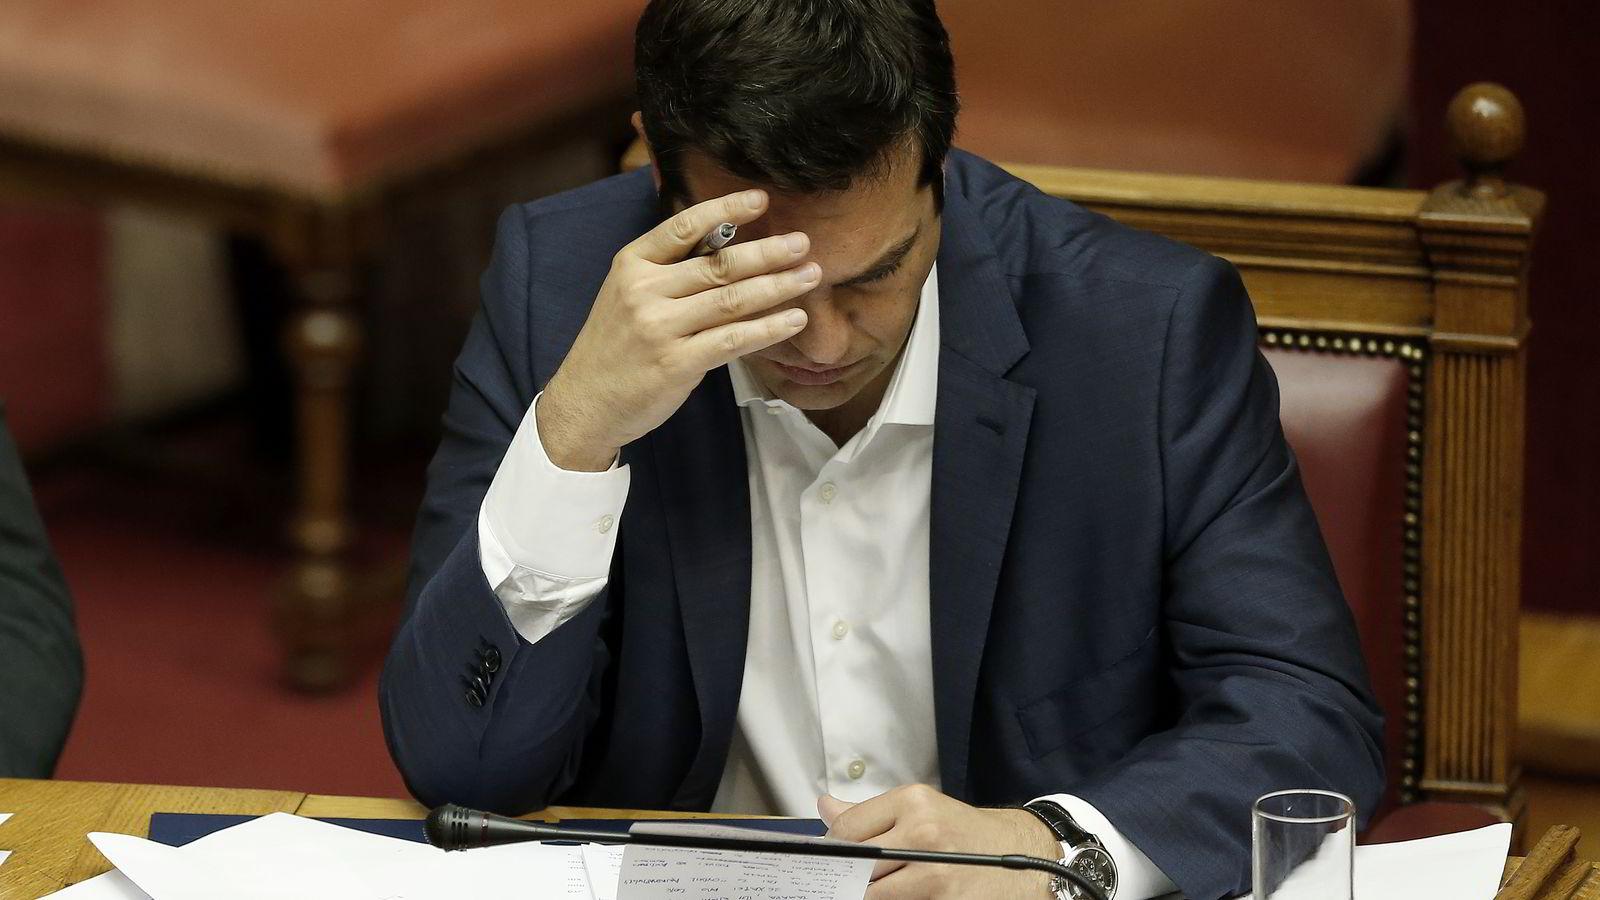 Hellas statsminister Alexis Tsipras sendte tirsdag et brev til Europakommisjnen der han langt på vei ga etter for kreditorenes krav. Foto: